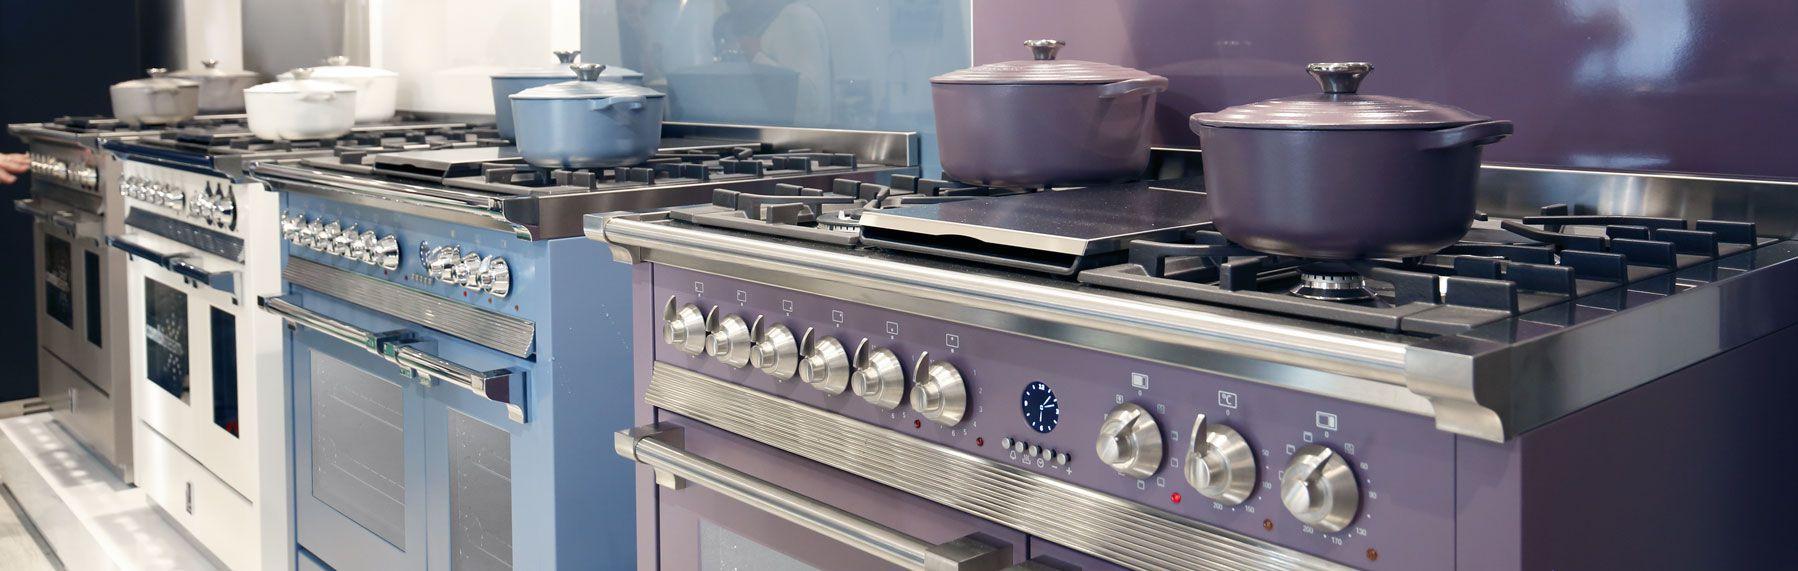 Κουζίνες Αερίου και Ηλεκτρικές Steel cucine | COOKART